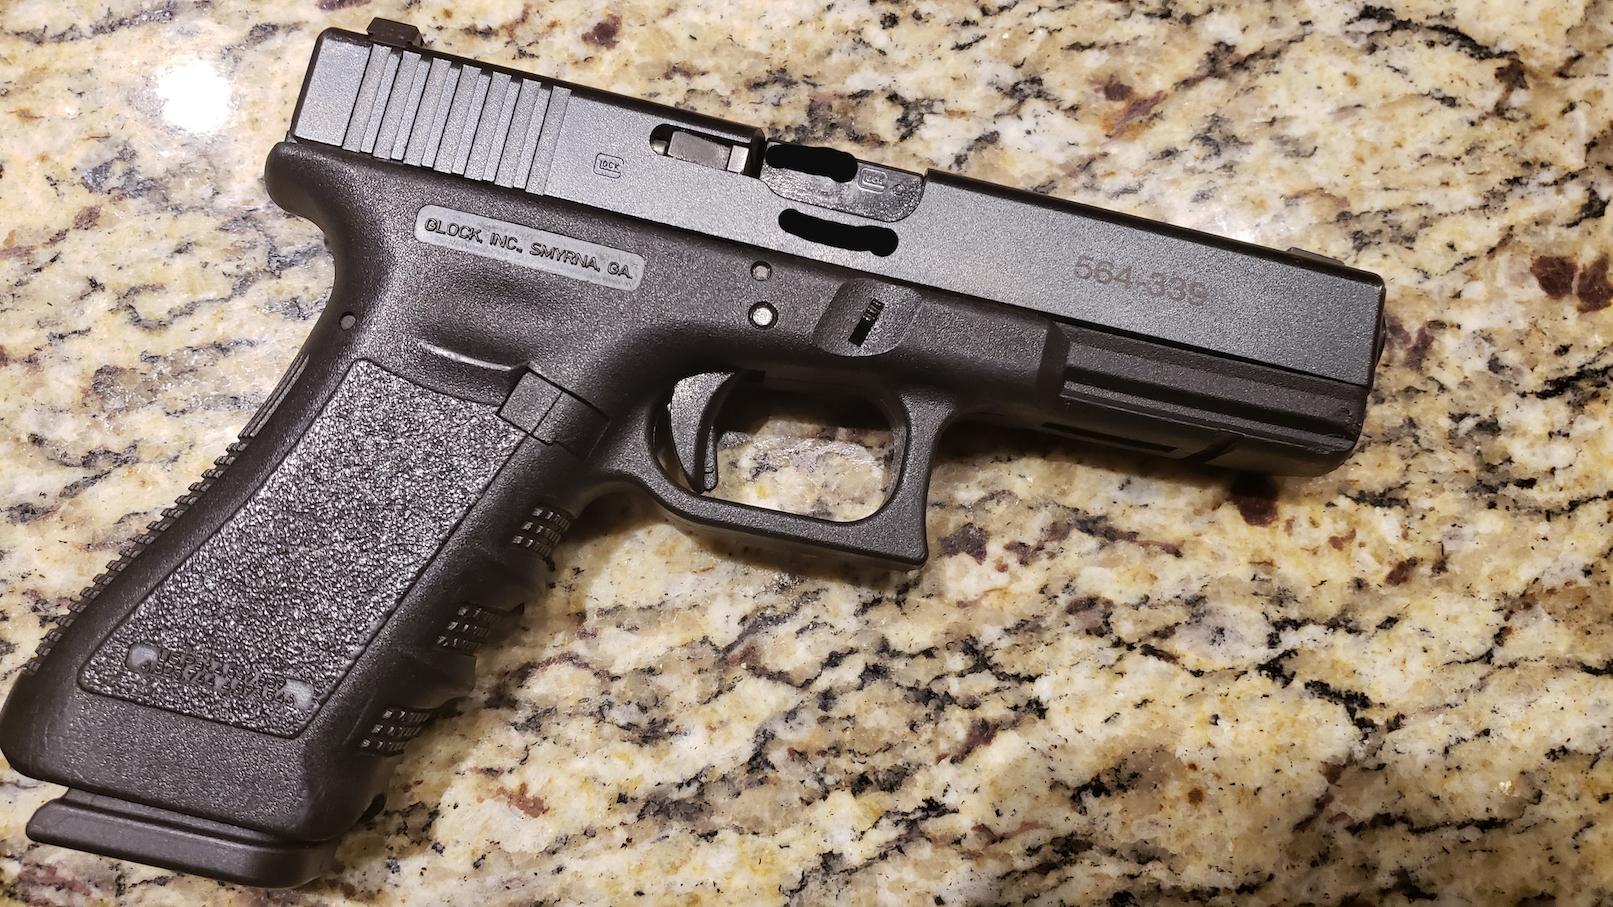 Glock 17 - AIM Surplus LEO trade-in 17 origins? | The